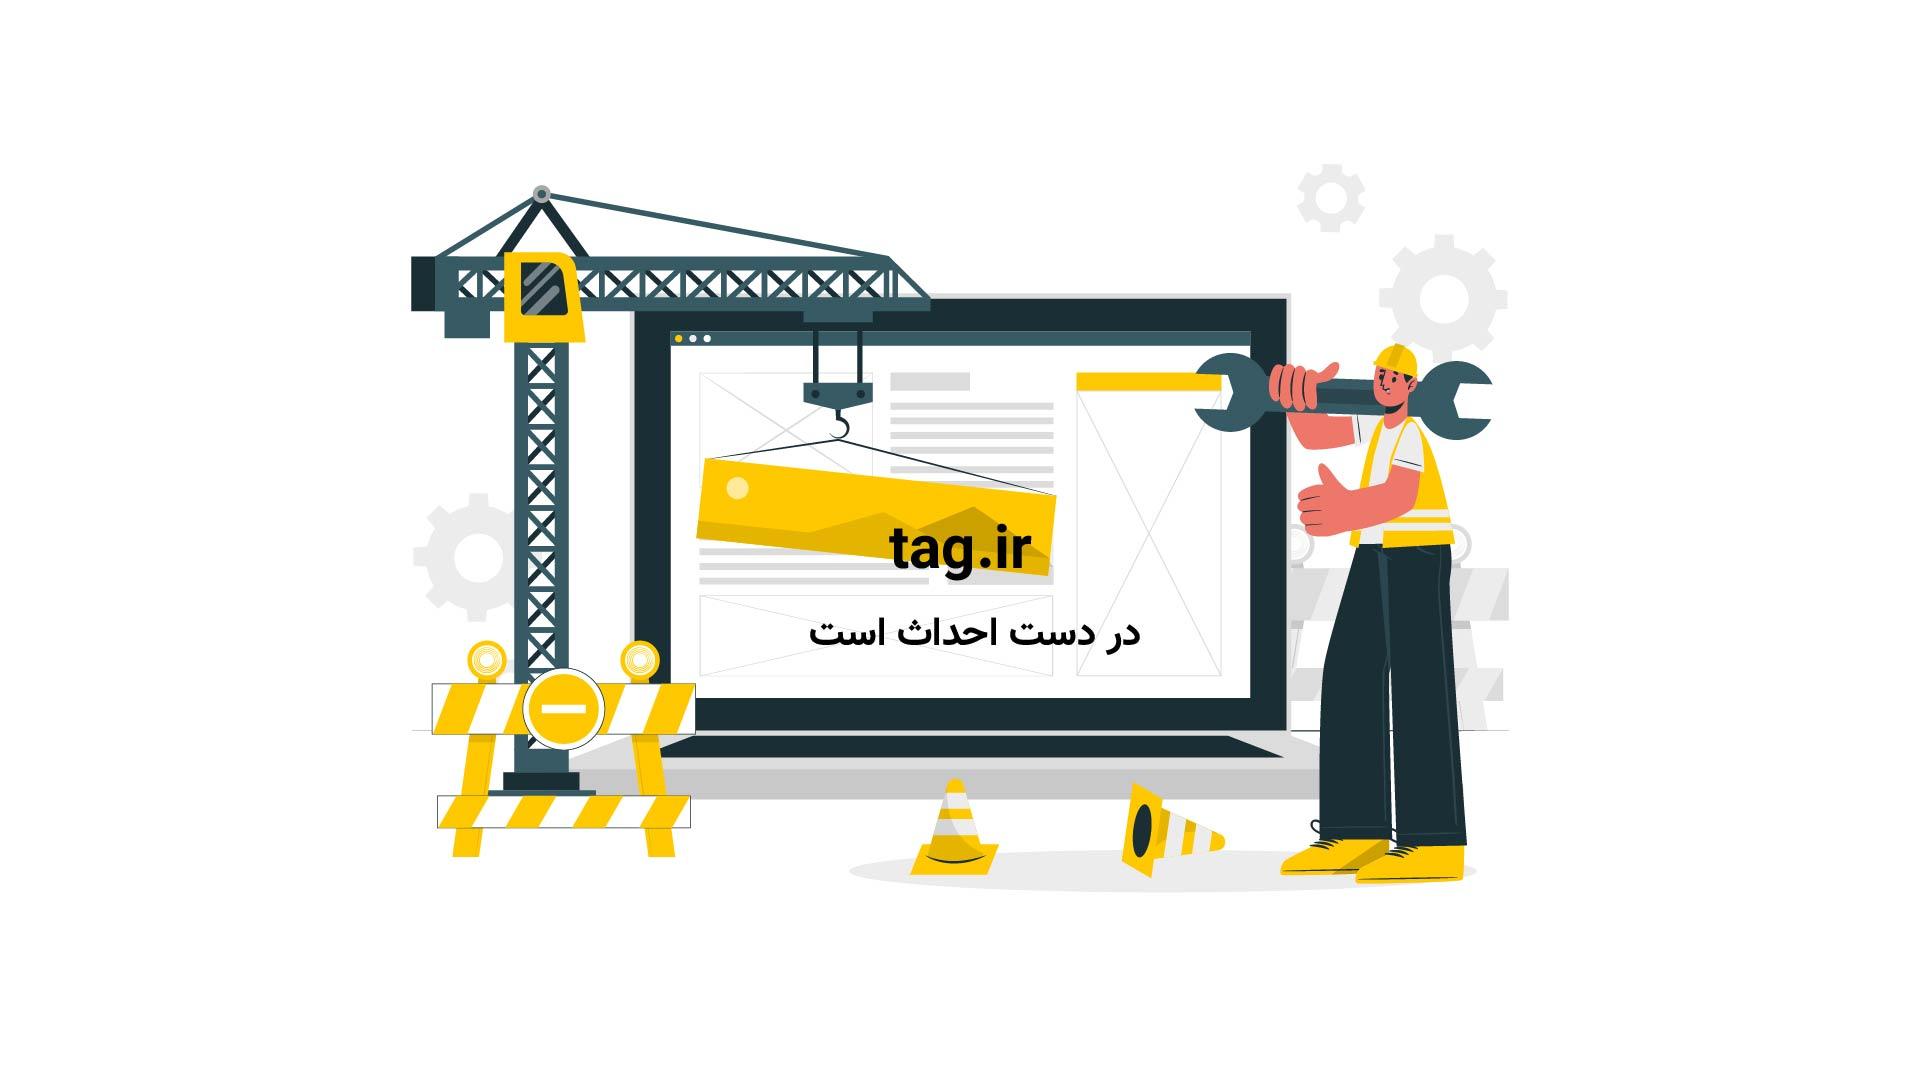 باغ سنگ نگاره های نیاوران | تگ